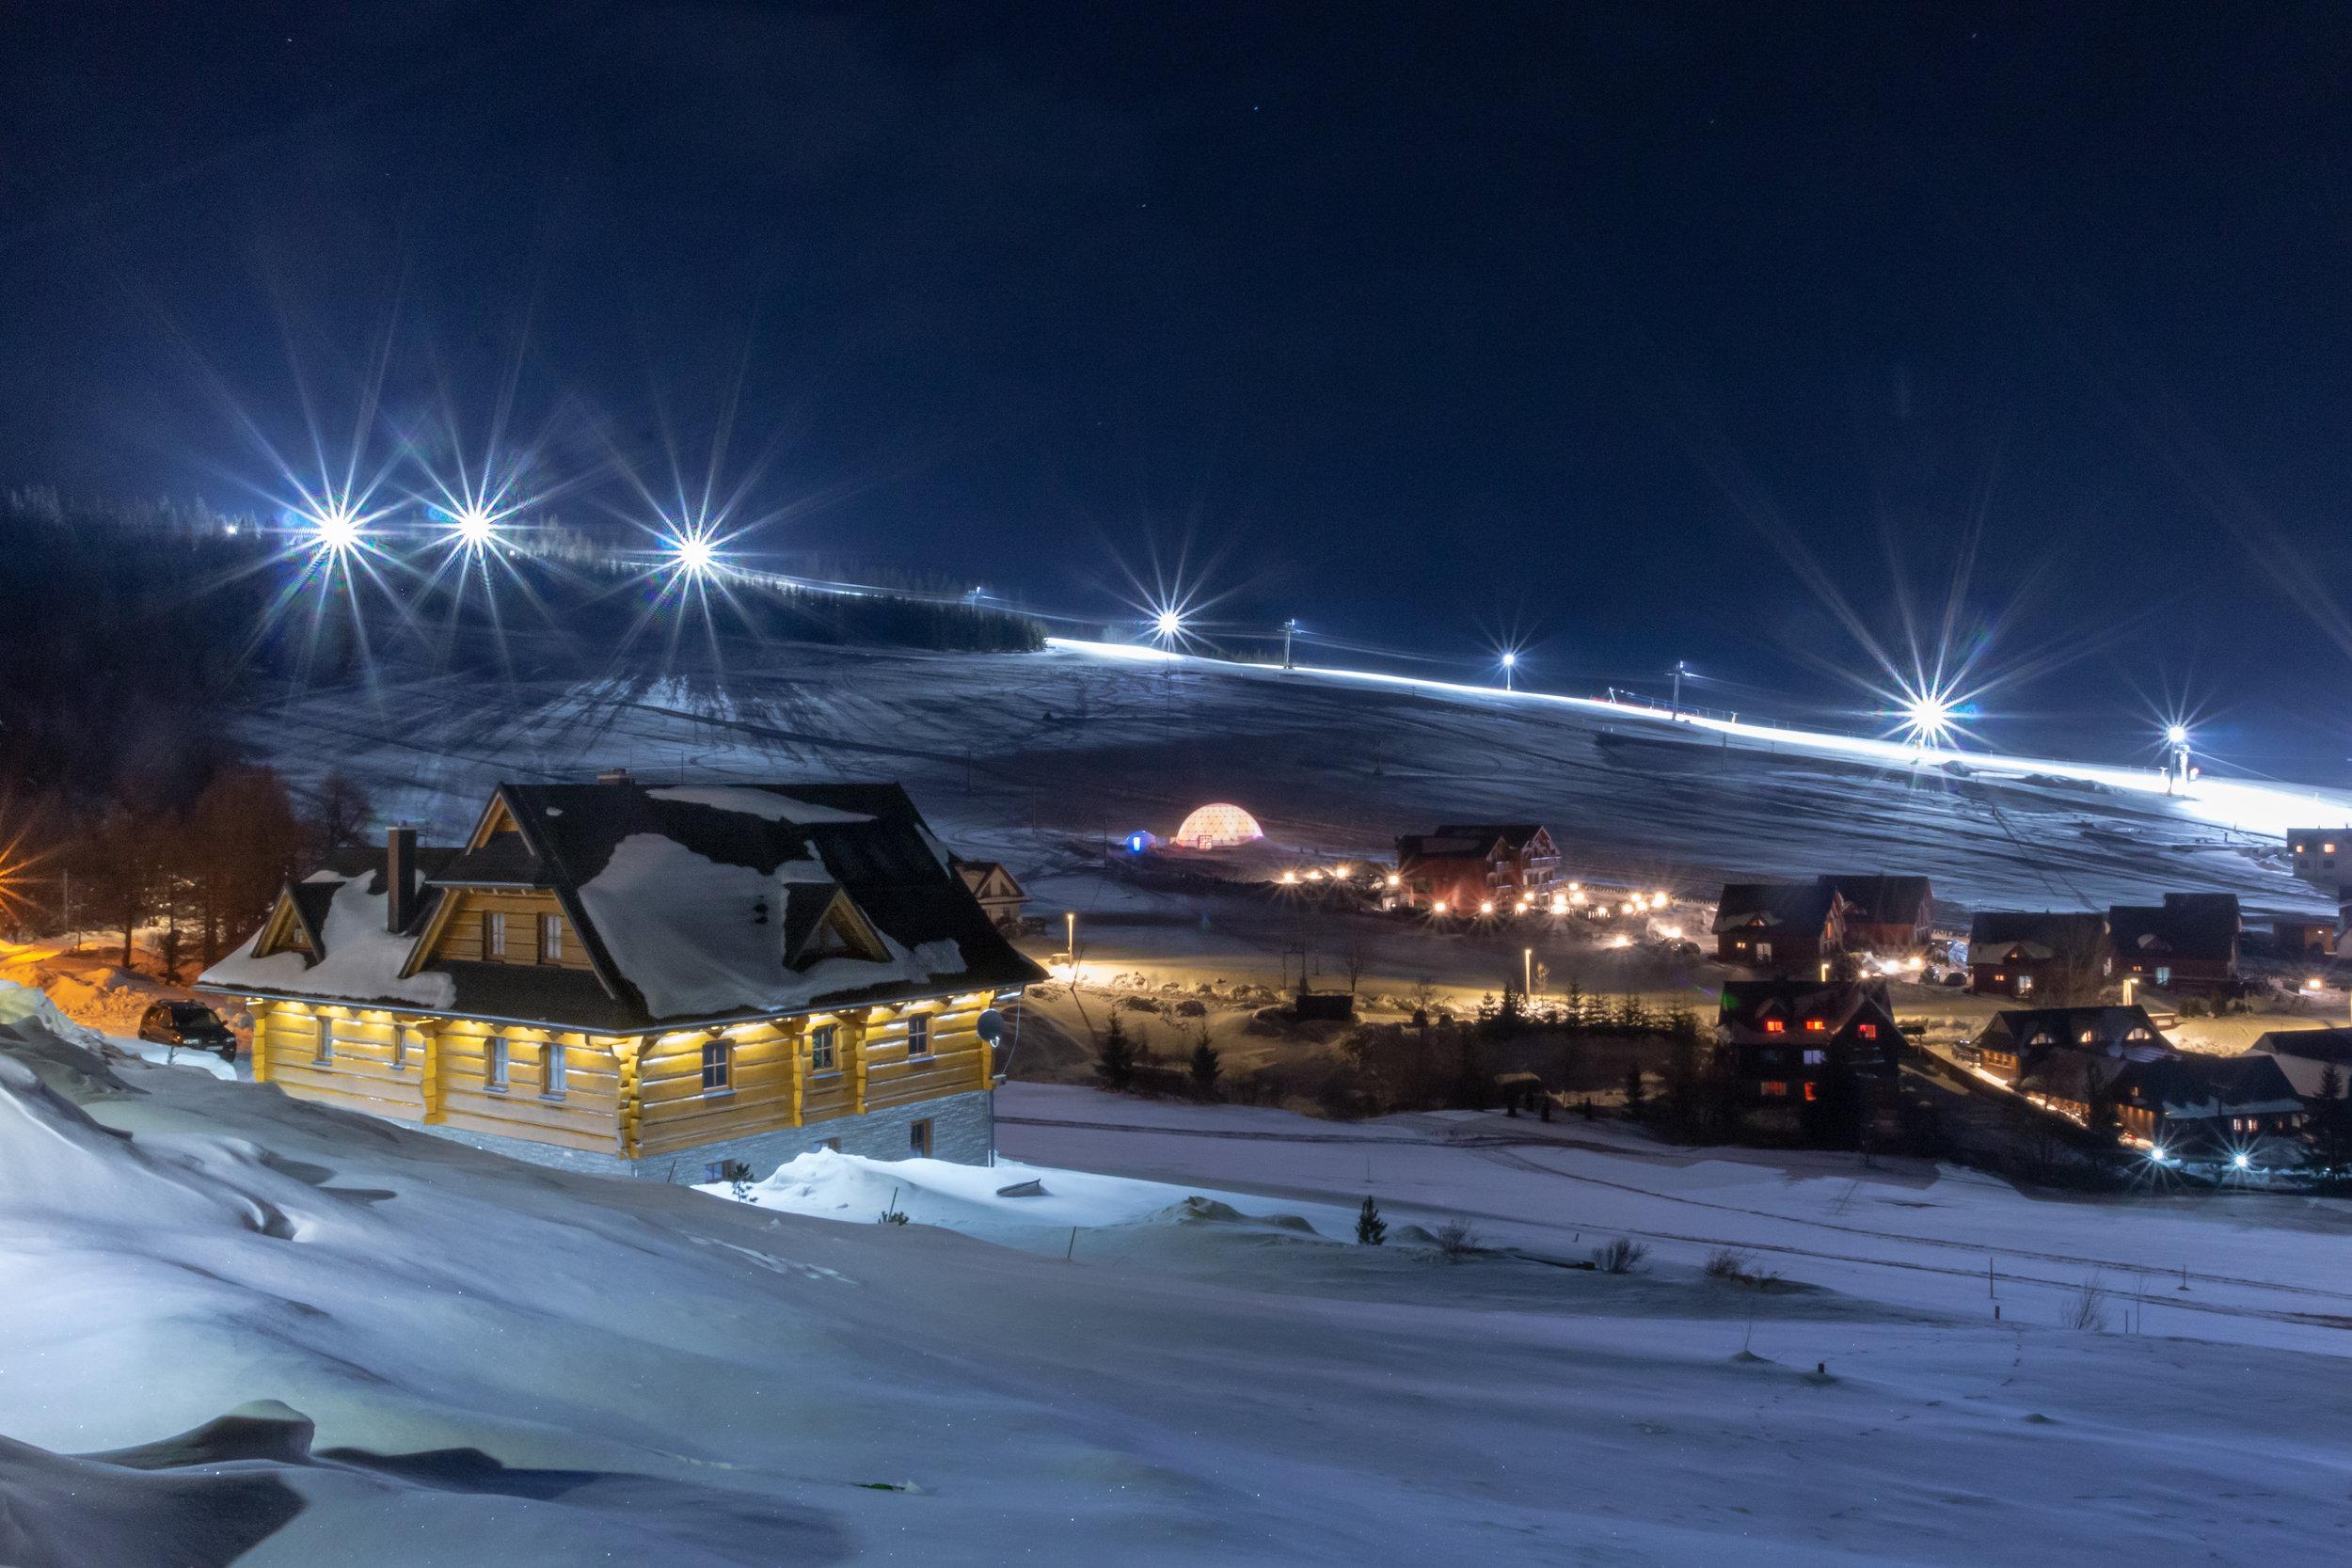 ©-jozefl-pitonak-svetelny-dom-v-zdiari-zima-2019-exts-night-310119-001.jpg